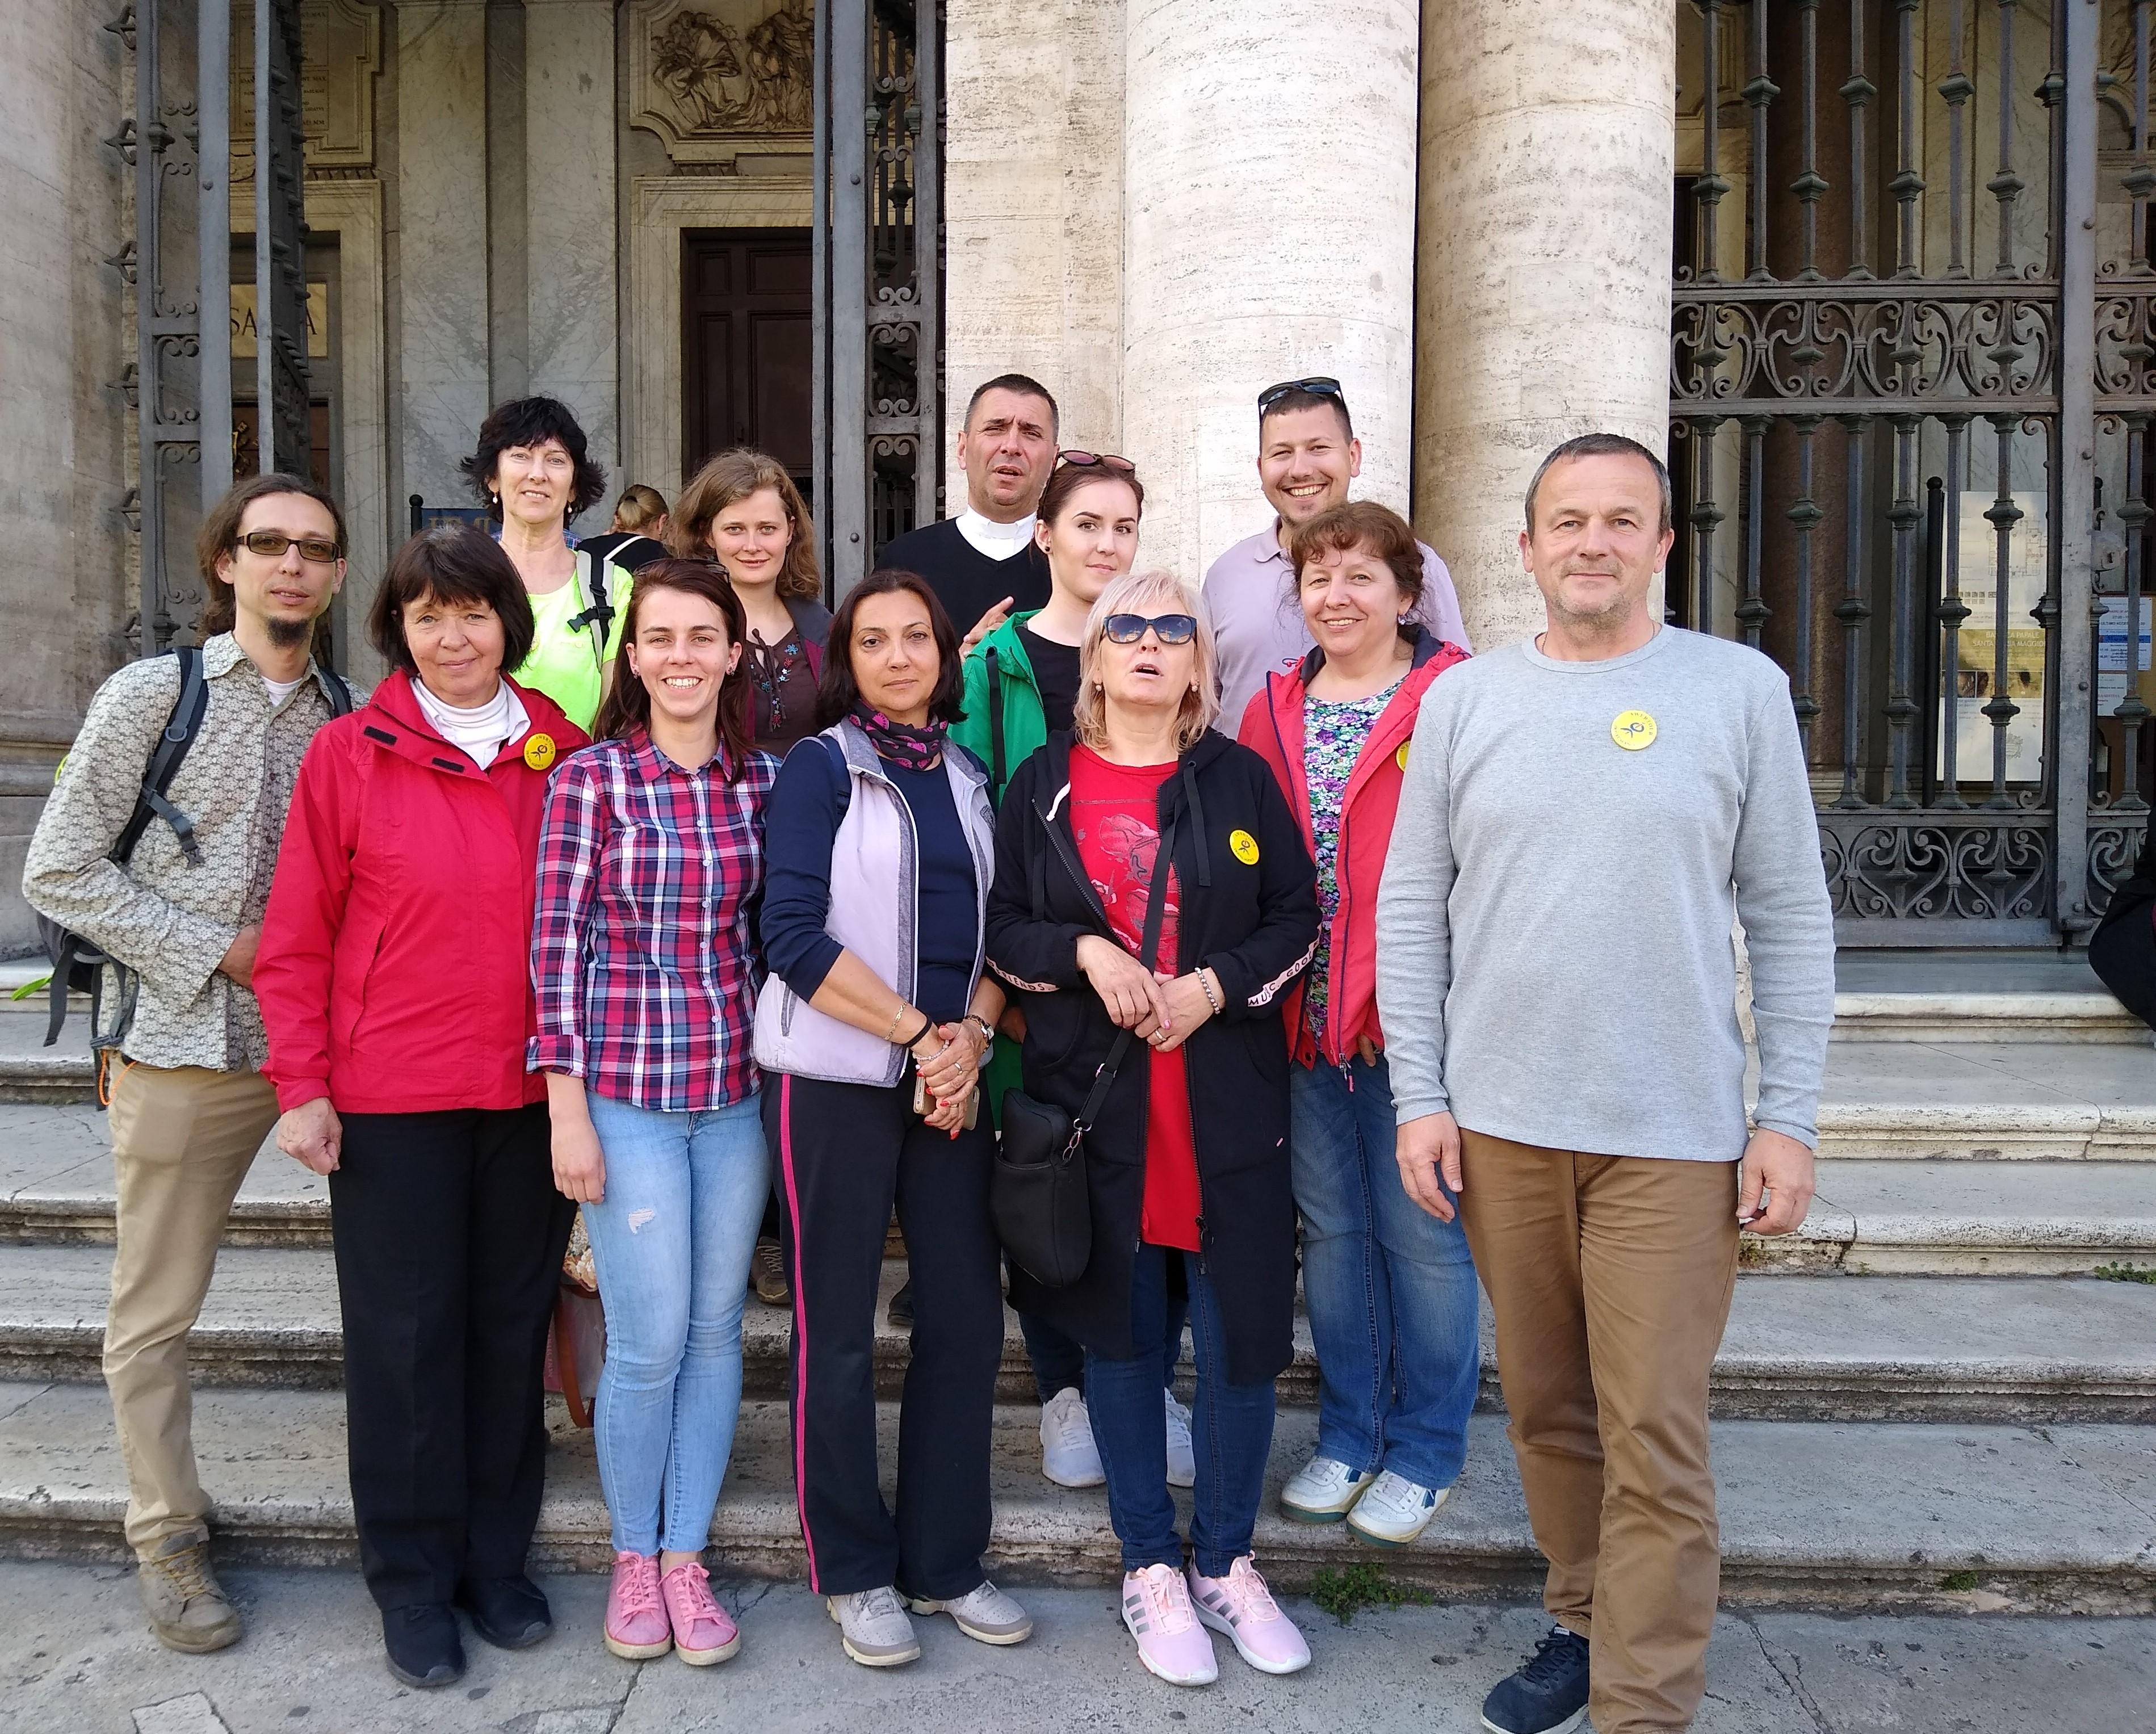 Výhercovia súťaže všetky cesty vedú do Ríma spolu so sprievodcom vdp. Ľudovítom Malým a redaktorom Andrejom Baldovským pred bazilikou Santa Maria Maggiore.